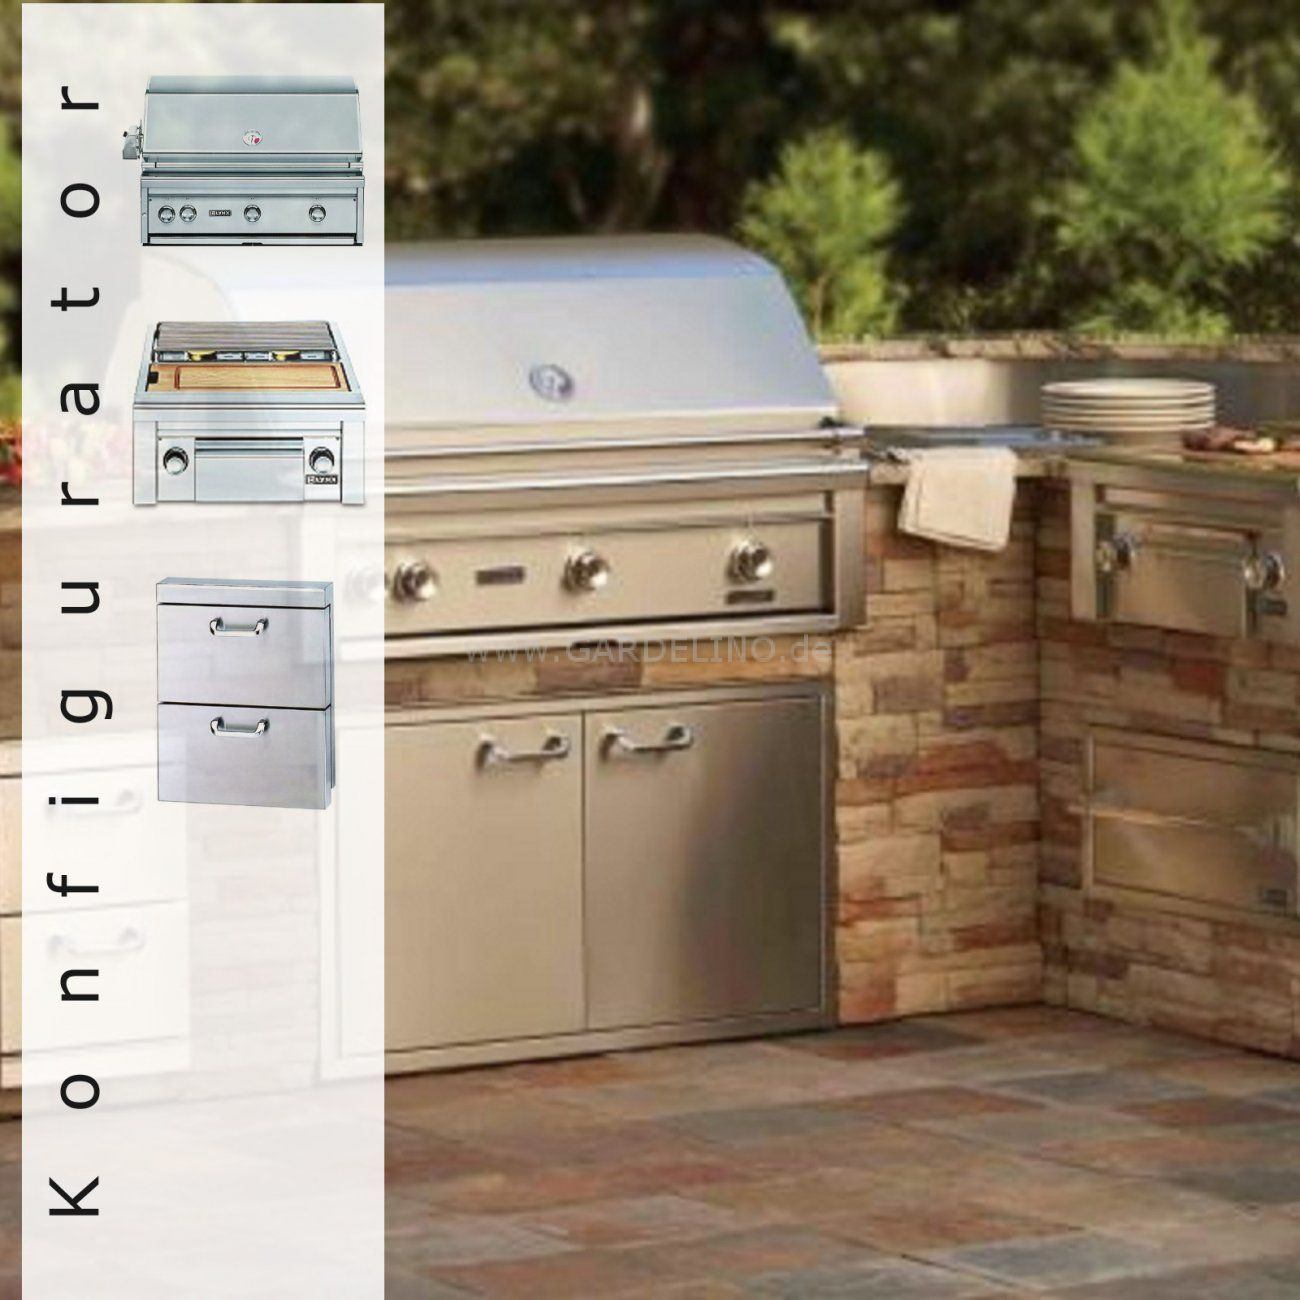 Lynx Außenküche Konfigurator | Außenküche selber bauen | Pinterest ...